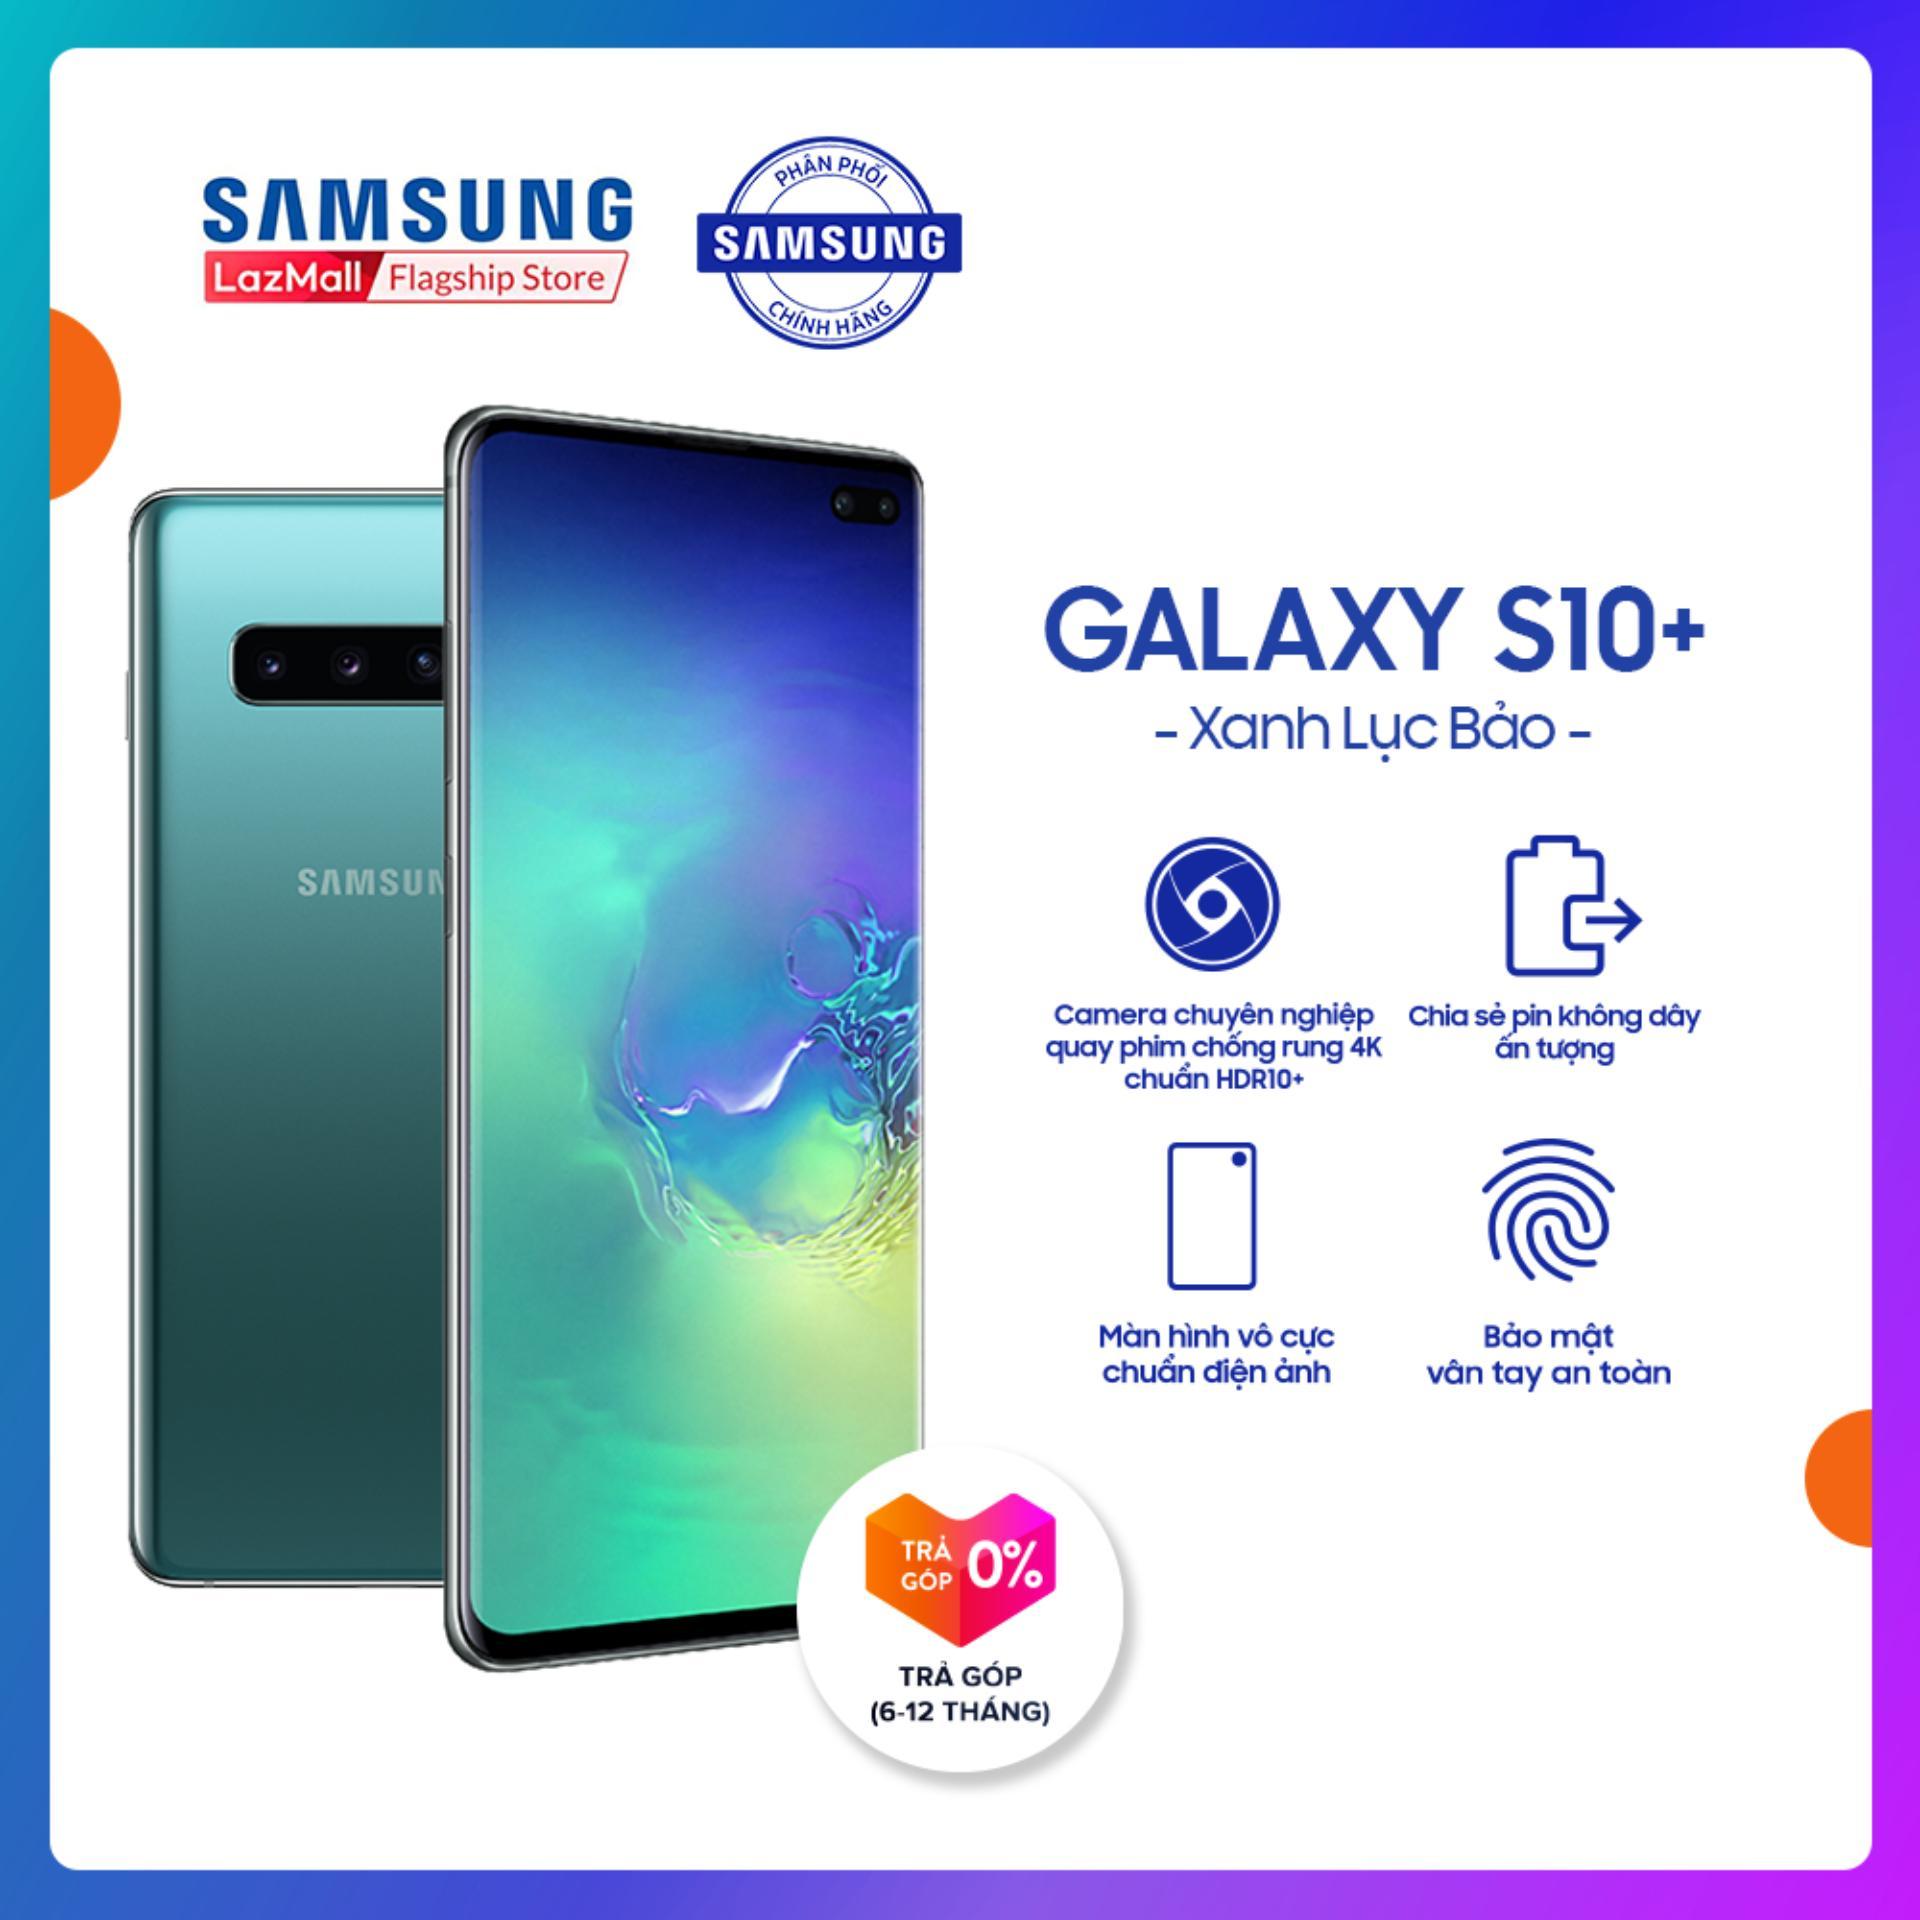 Điện thoại Samsung S10 PLUS 128GB (8GB RAM) - Màn hình Dynamic AMOLED 6.4 , HD+, Quét vân tay siêu âm - Powershare, Camera trước 8 MP, 2 Nano SIM, hỗ trợ 4G - Hàng phân phối chính hãng.